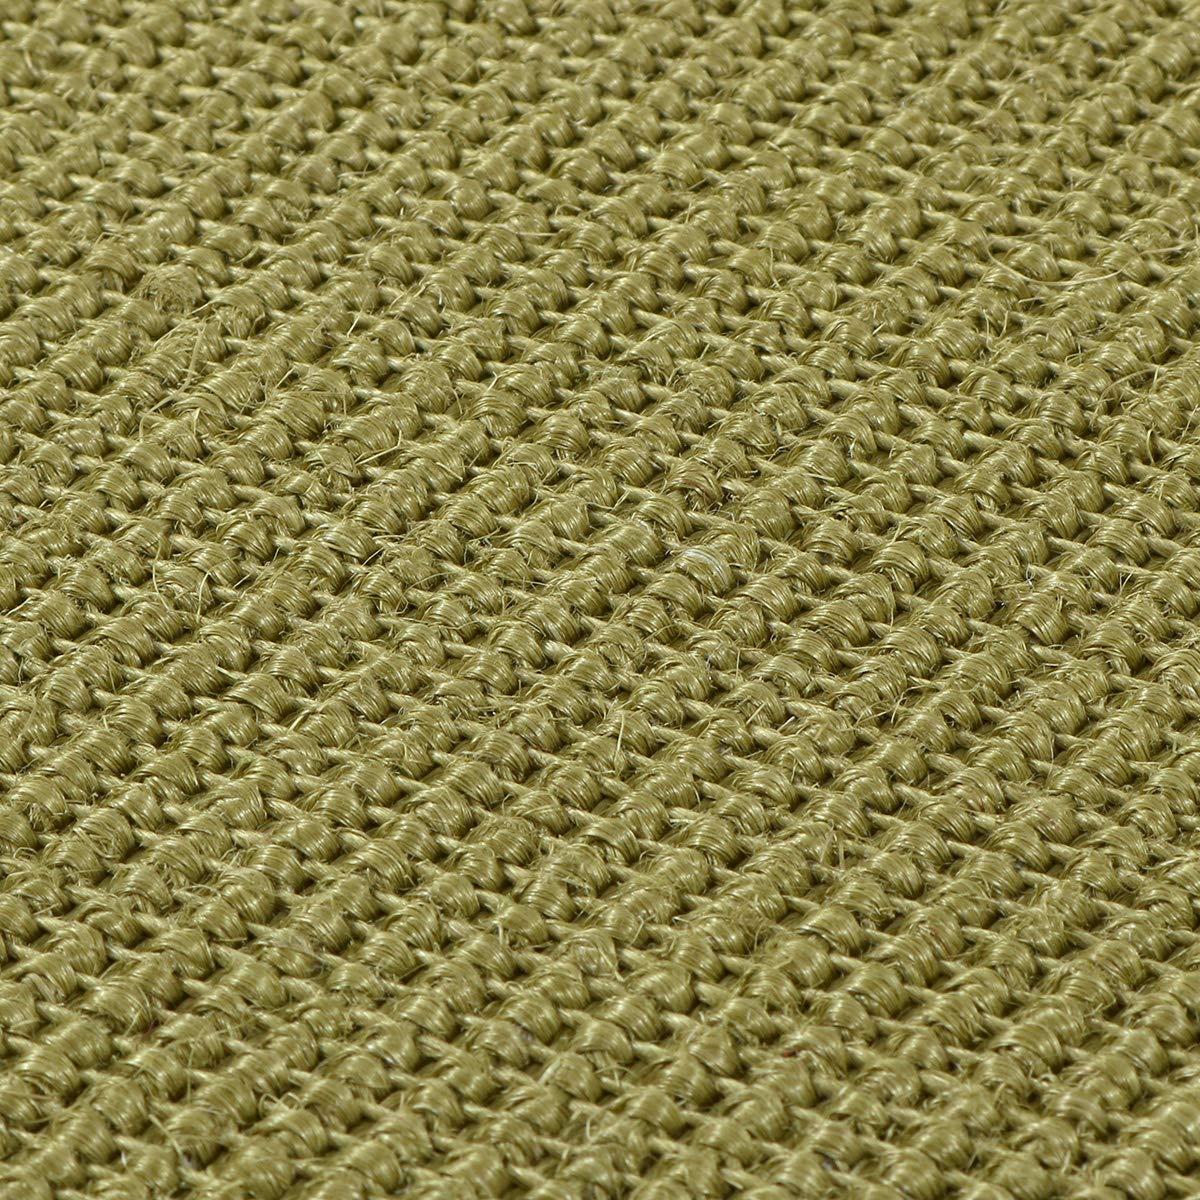 Havatex Havatex Havatex Sisal Teppich Trumpf rund - hypoallergene Naturfaser   schadstoffgeprüft pflegeleicht schmutzabweisend strapazierfähig   ideal für Wohnzimmer Schlafzimmer, Farbe Rot, Größe 200 cm rund B00HSV56EY Teppiche b05328